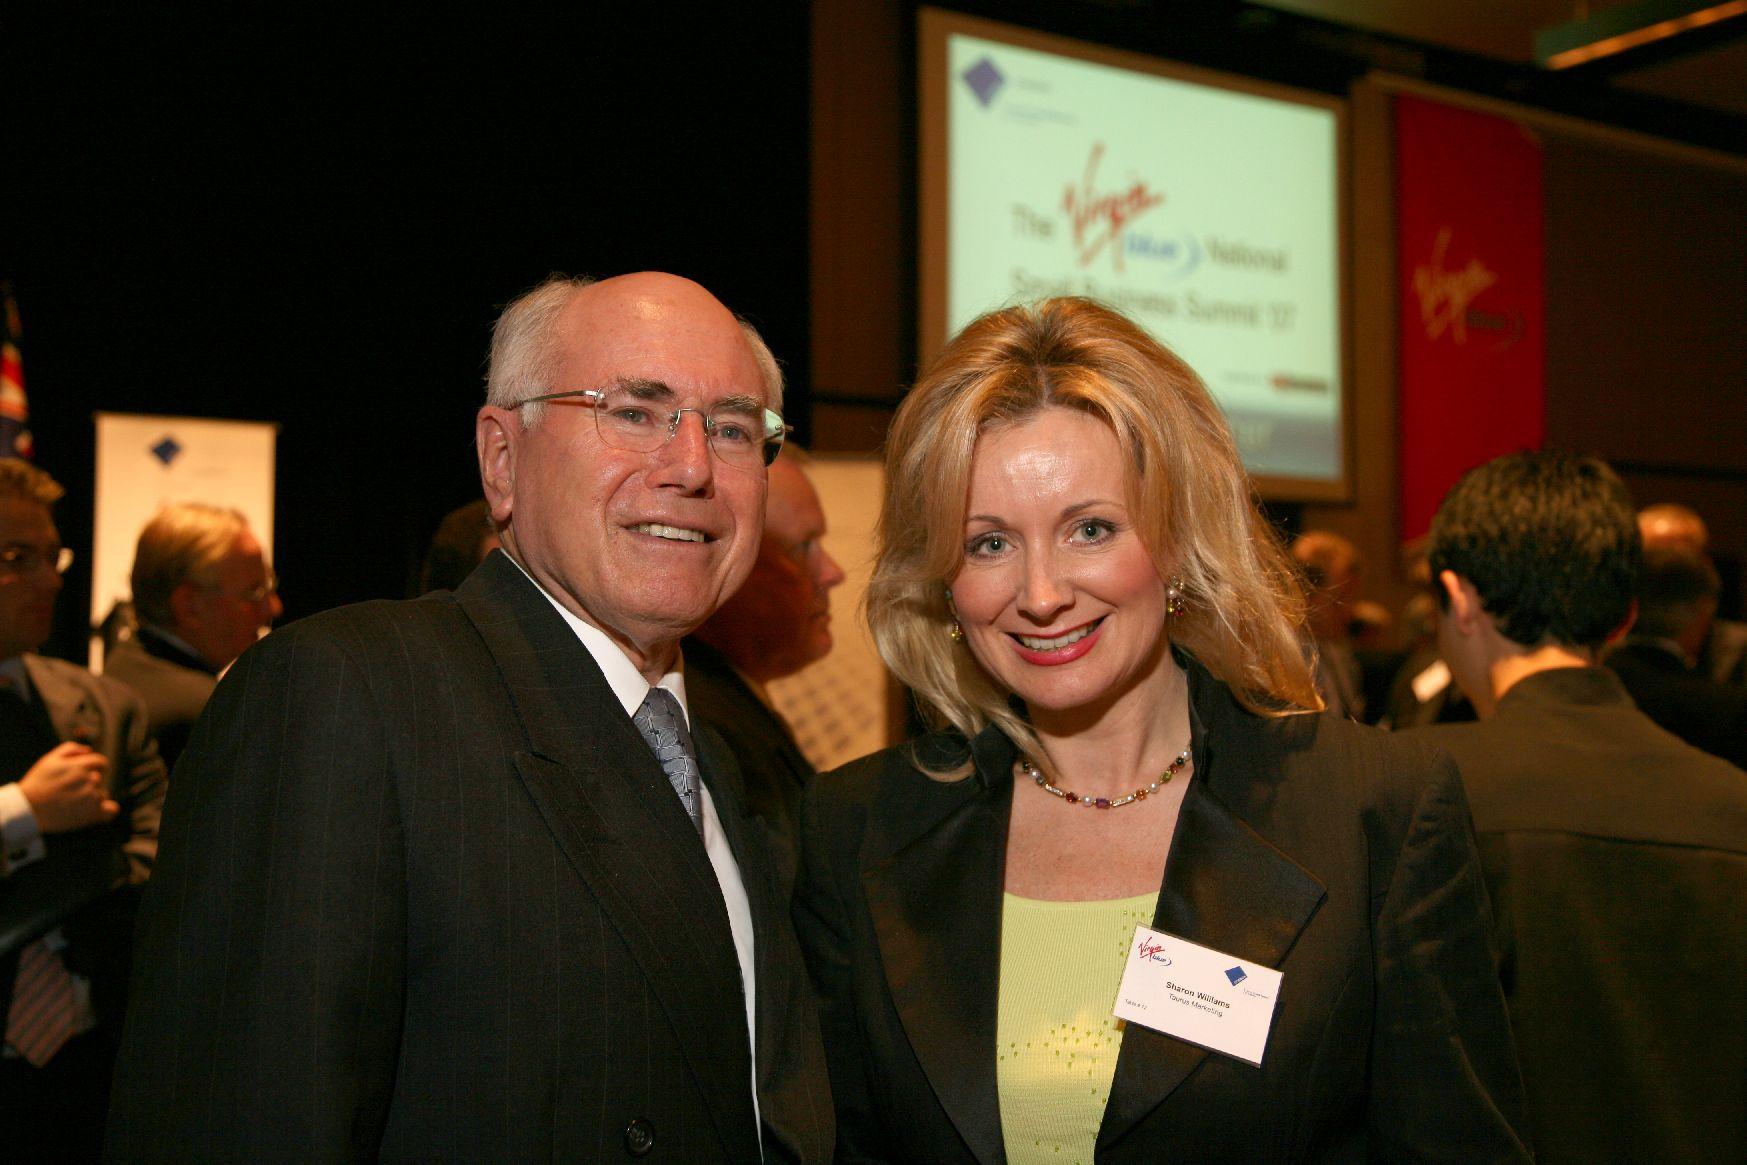 John Howard Former Prime Minister of Australian & Sharon WIlliams